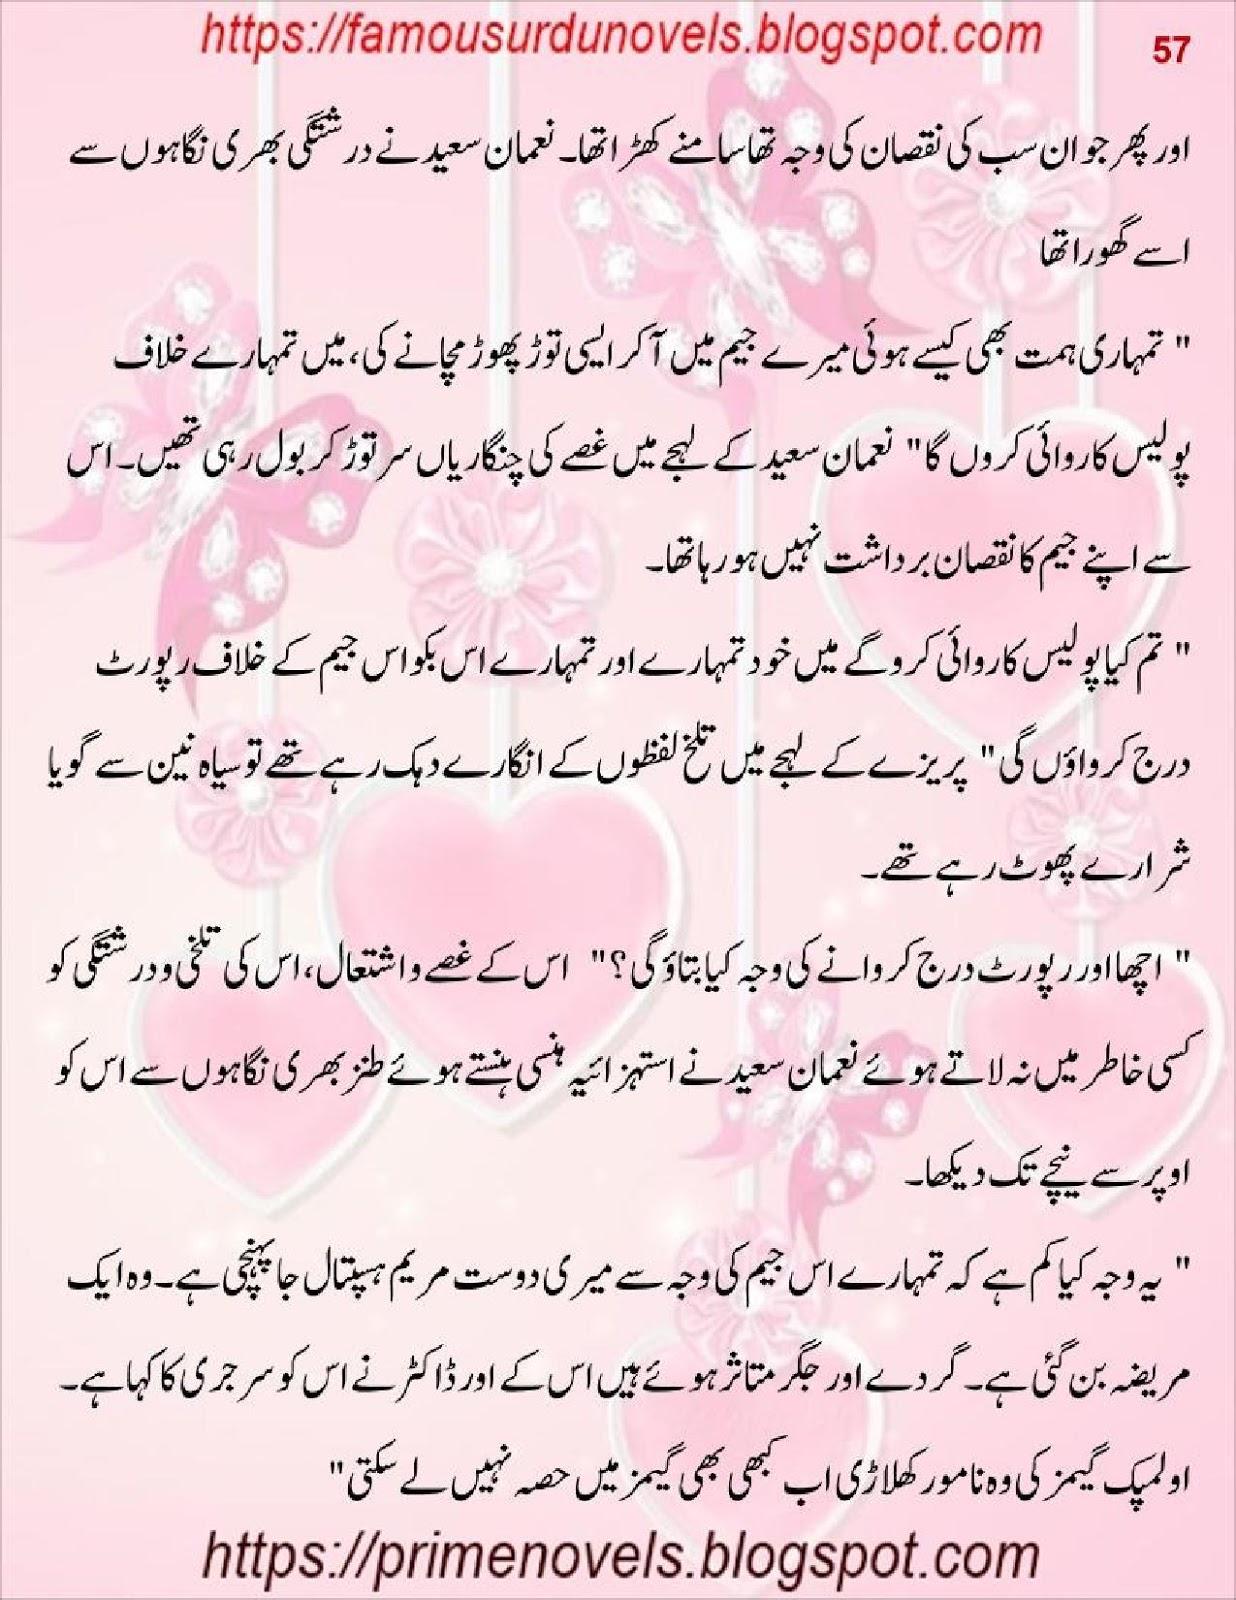 Han Mujhe Bas Tum Se Mohabbat Hai by Qamrosh Shehak After